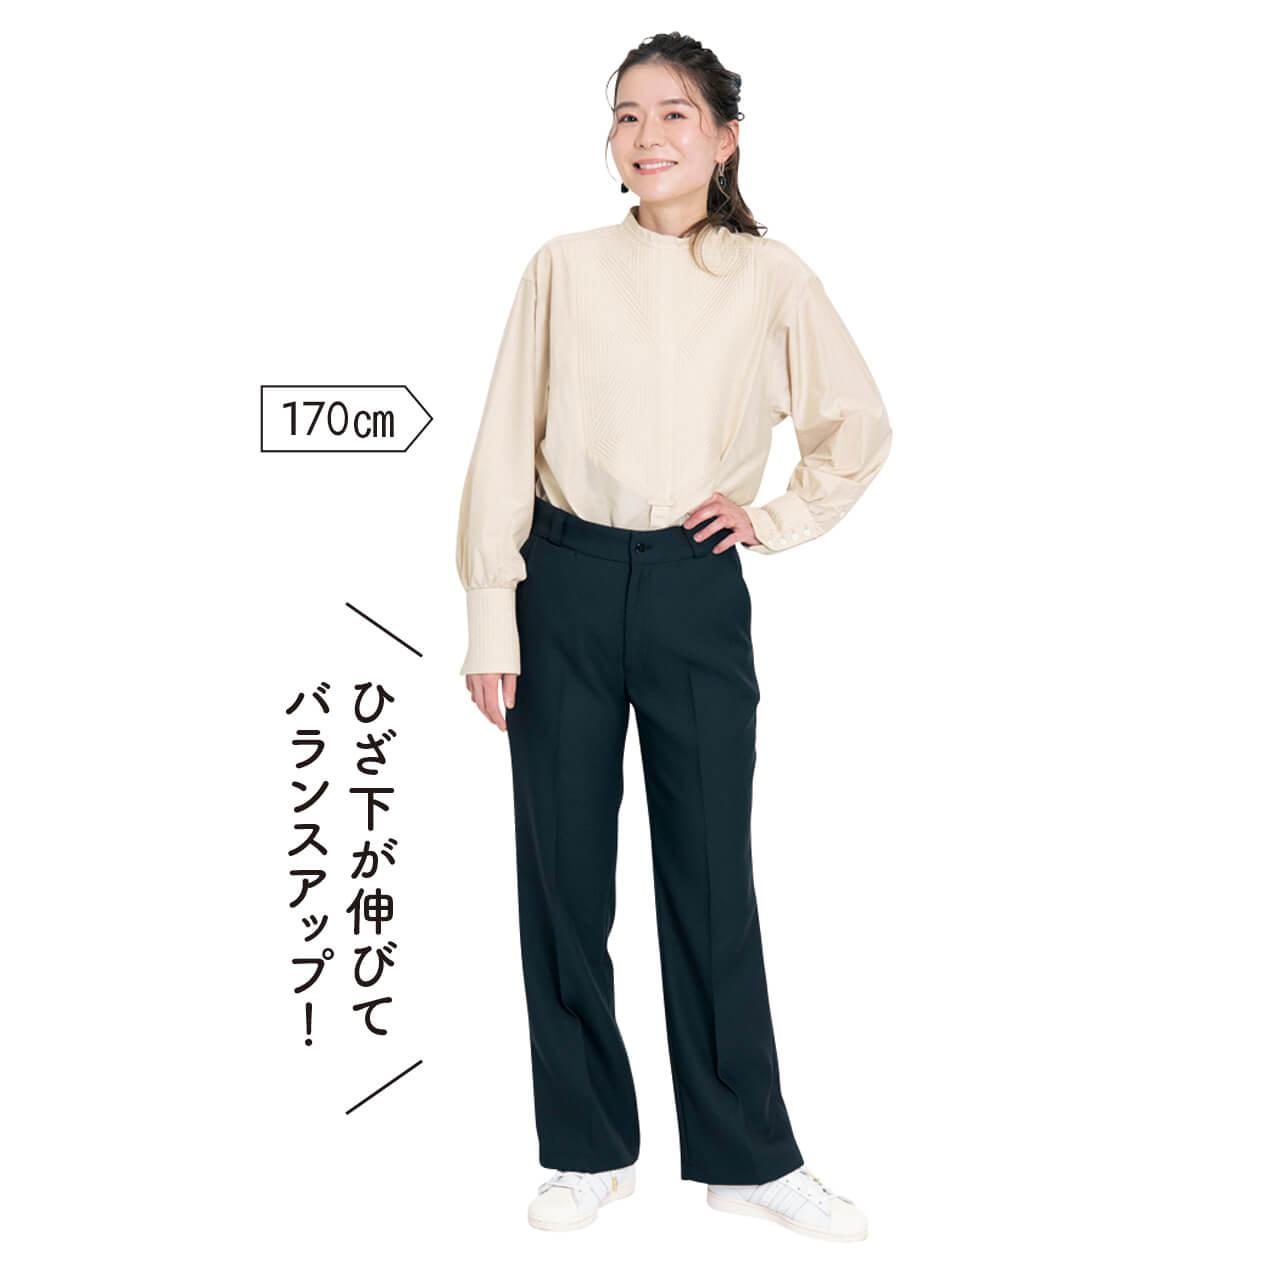 170cm LEEキャラクター山口さん ひざ下が伸びて バランスアップ!